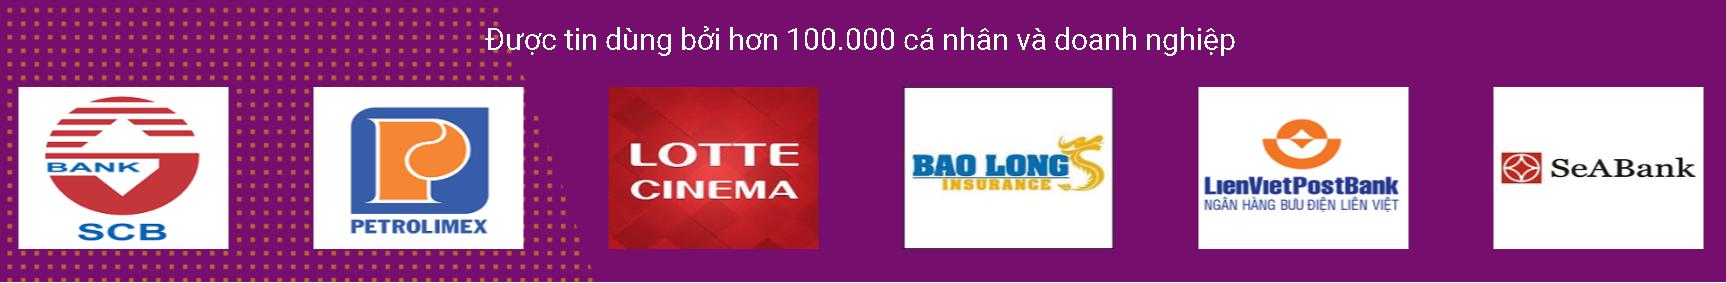 Chữ ký số Newca được tin dùng với hơn 100.000 doanh nghiệp